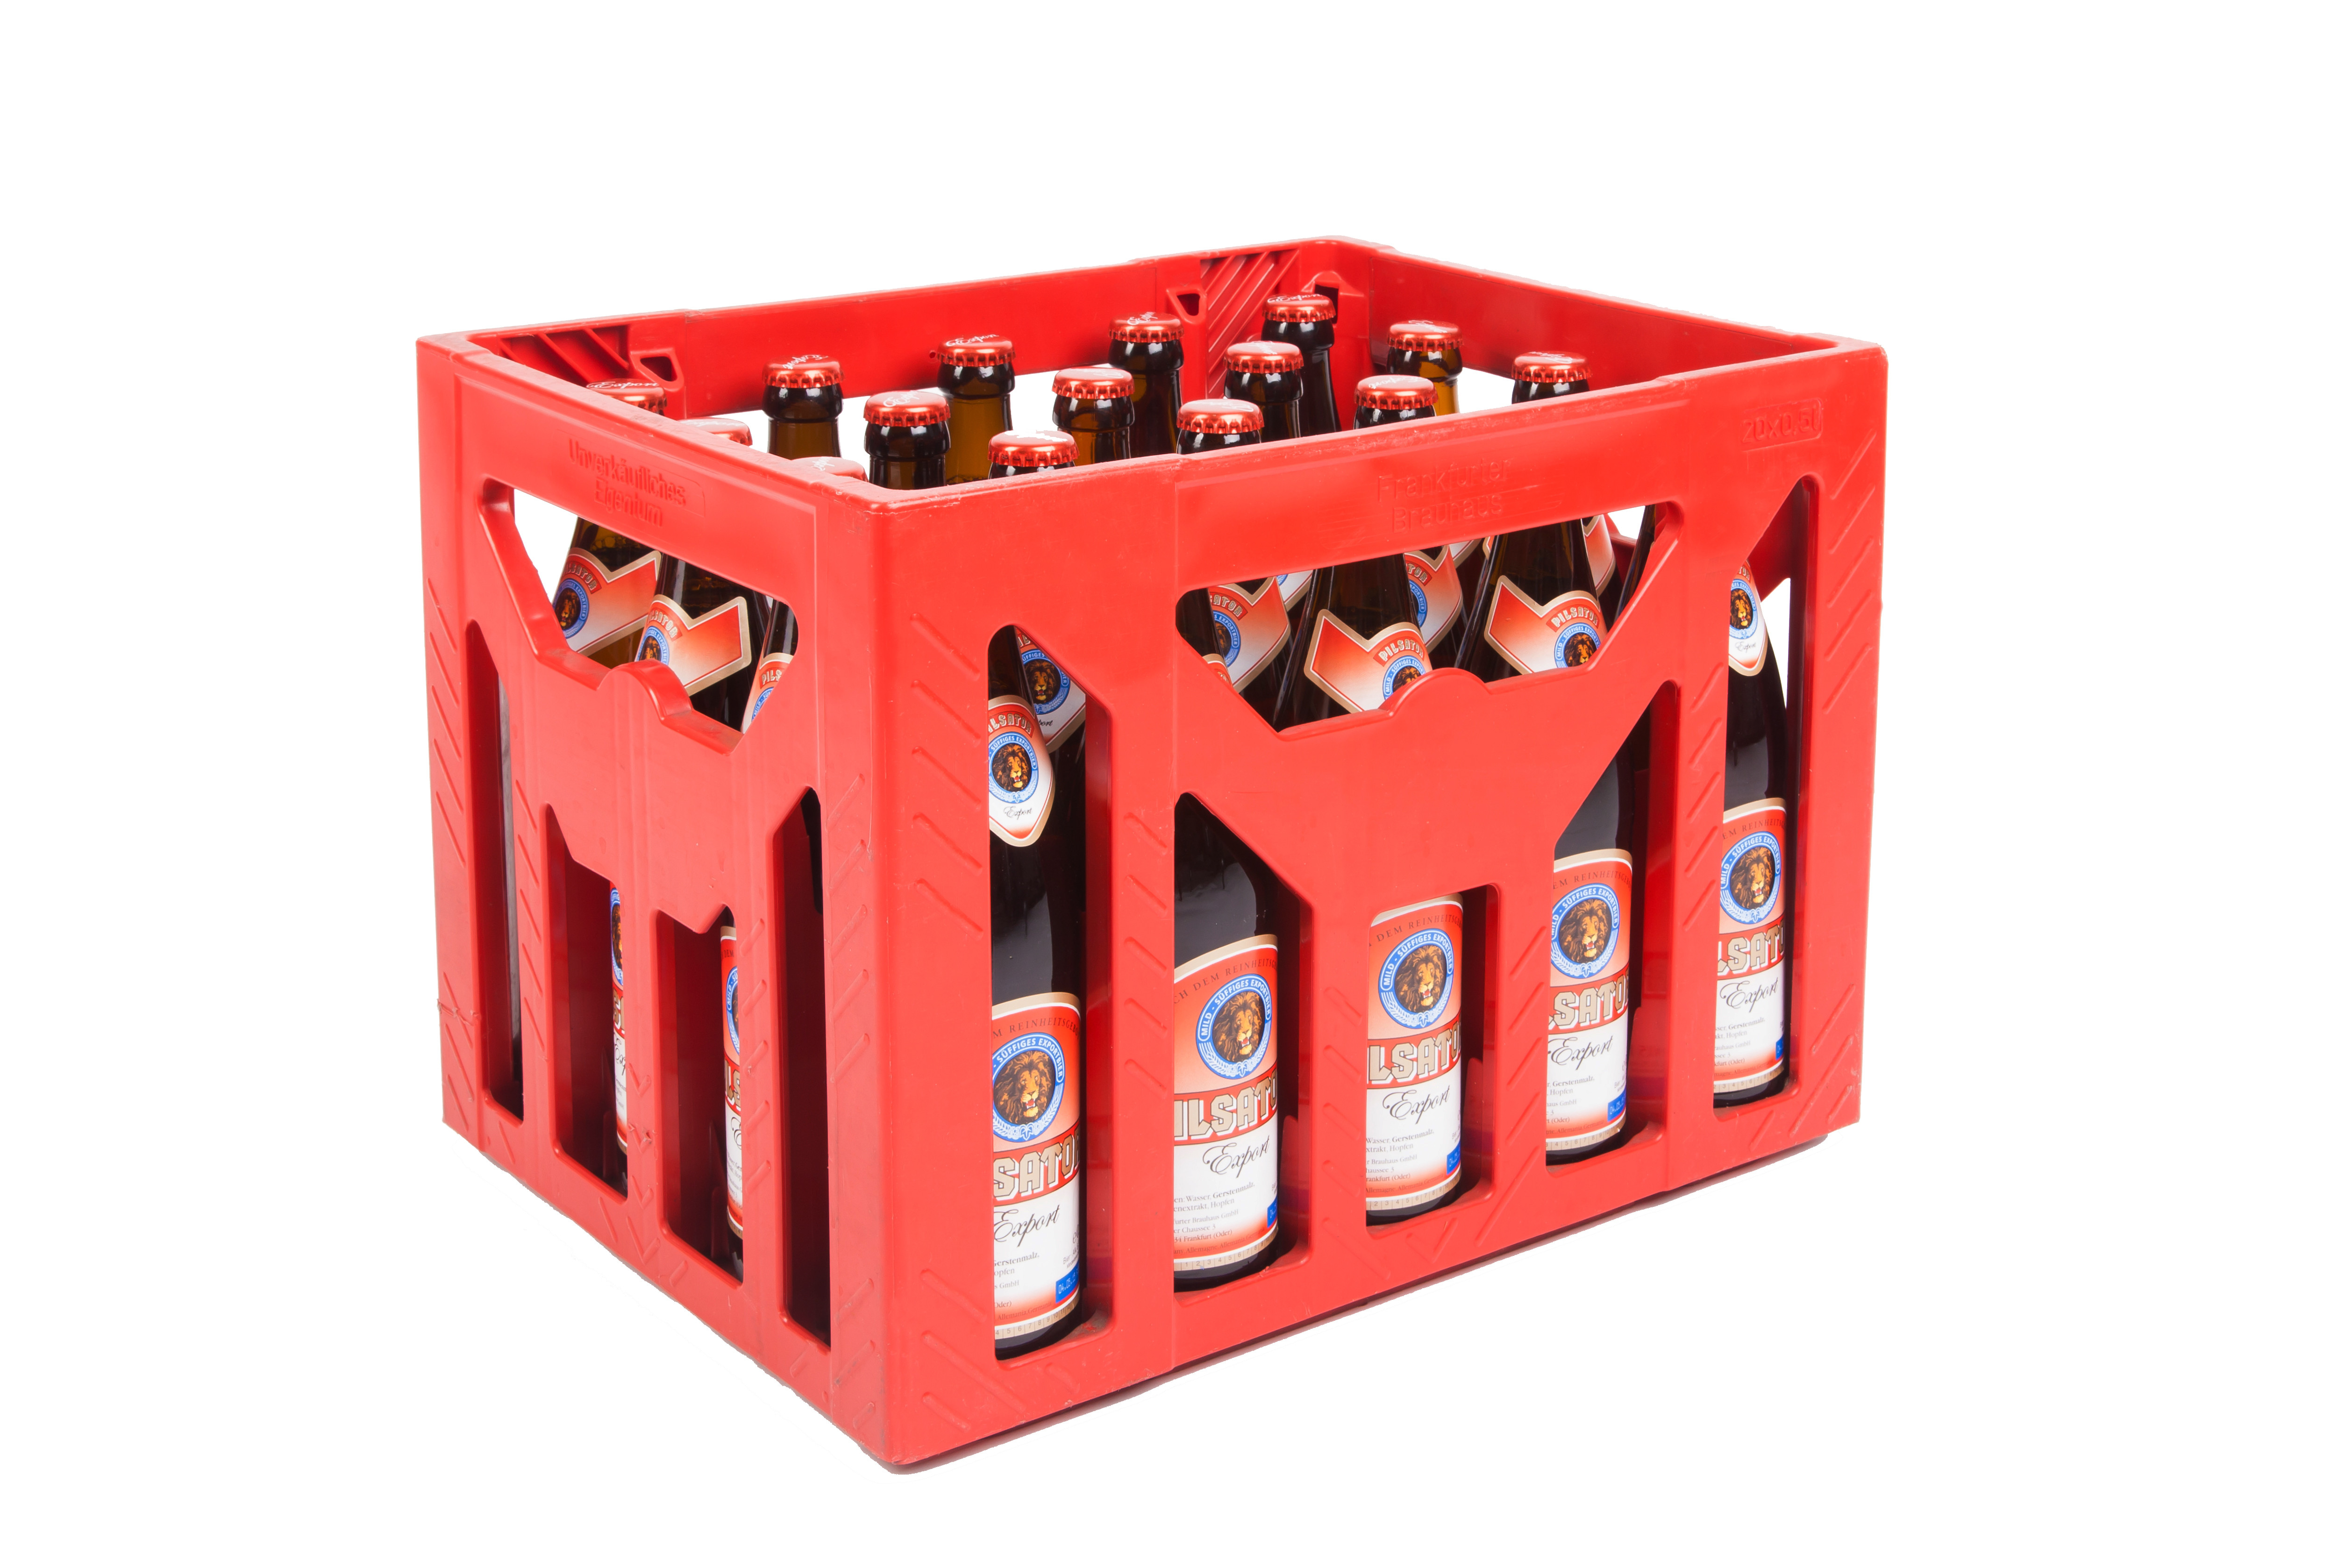 Pilsator Pilsener ~ Getränke Lieferservice für Potsdam und Umgebung